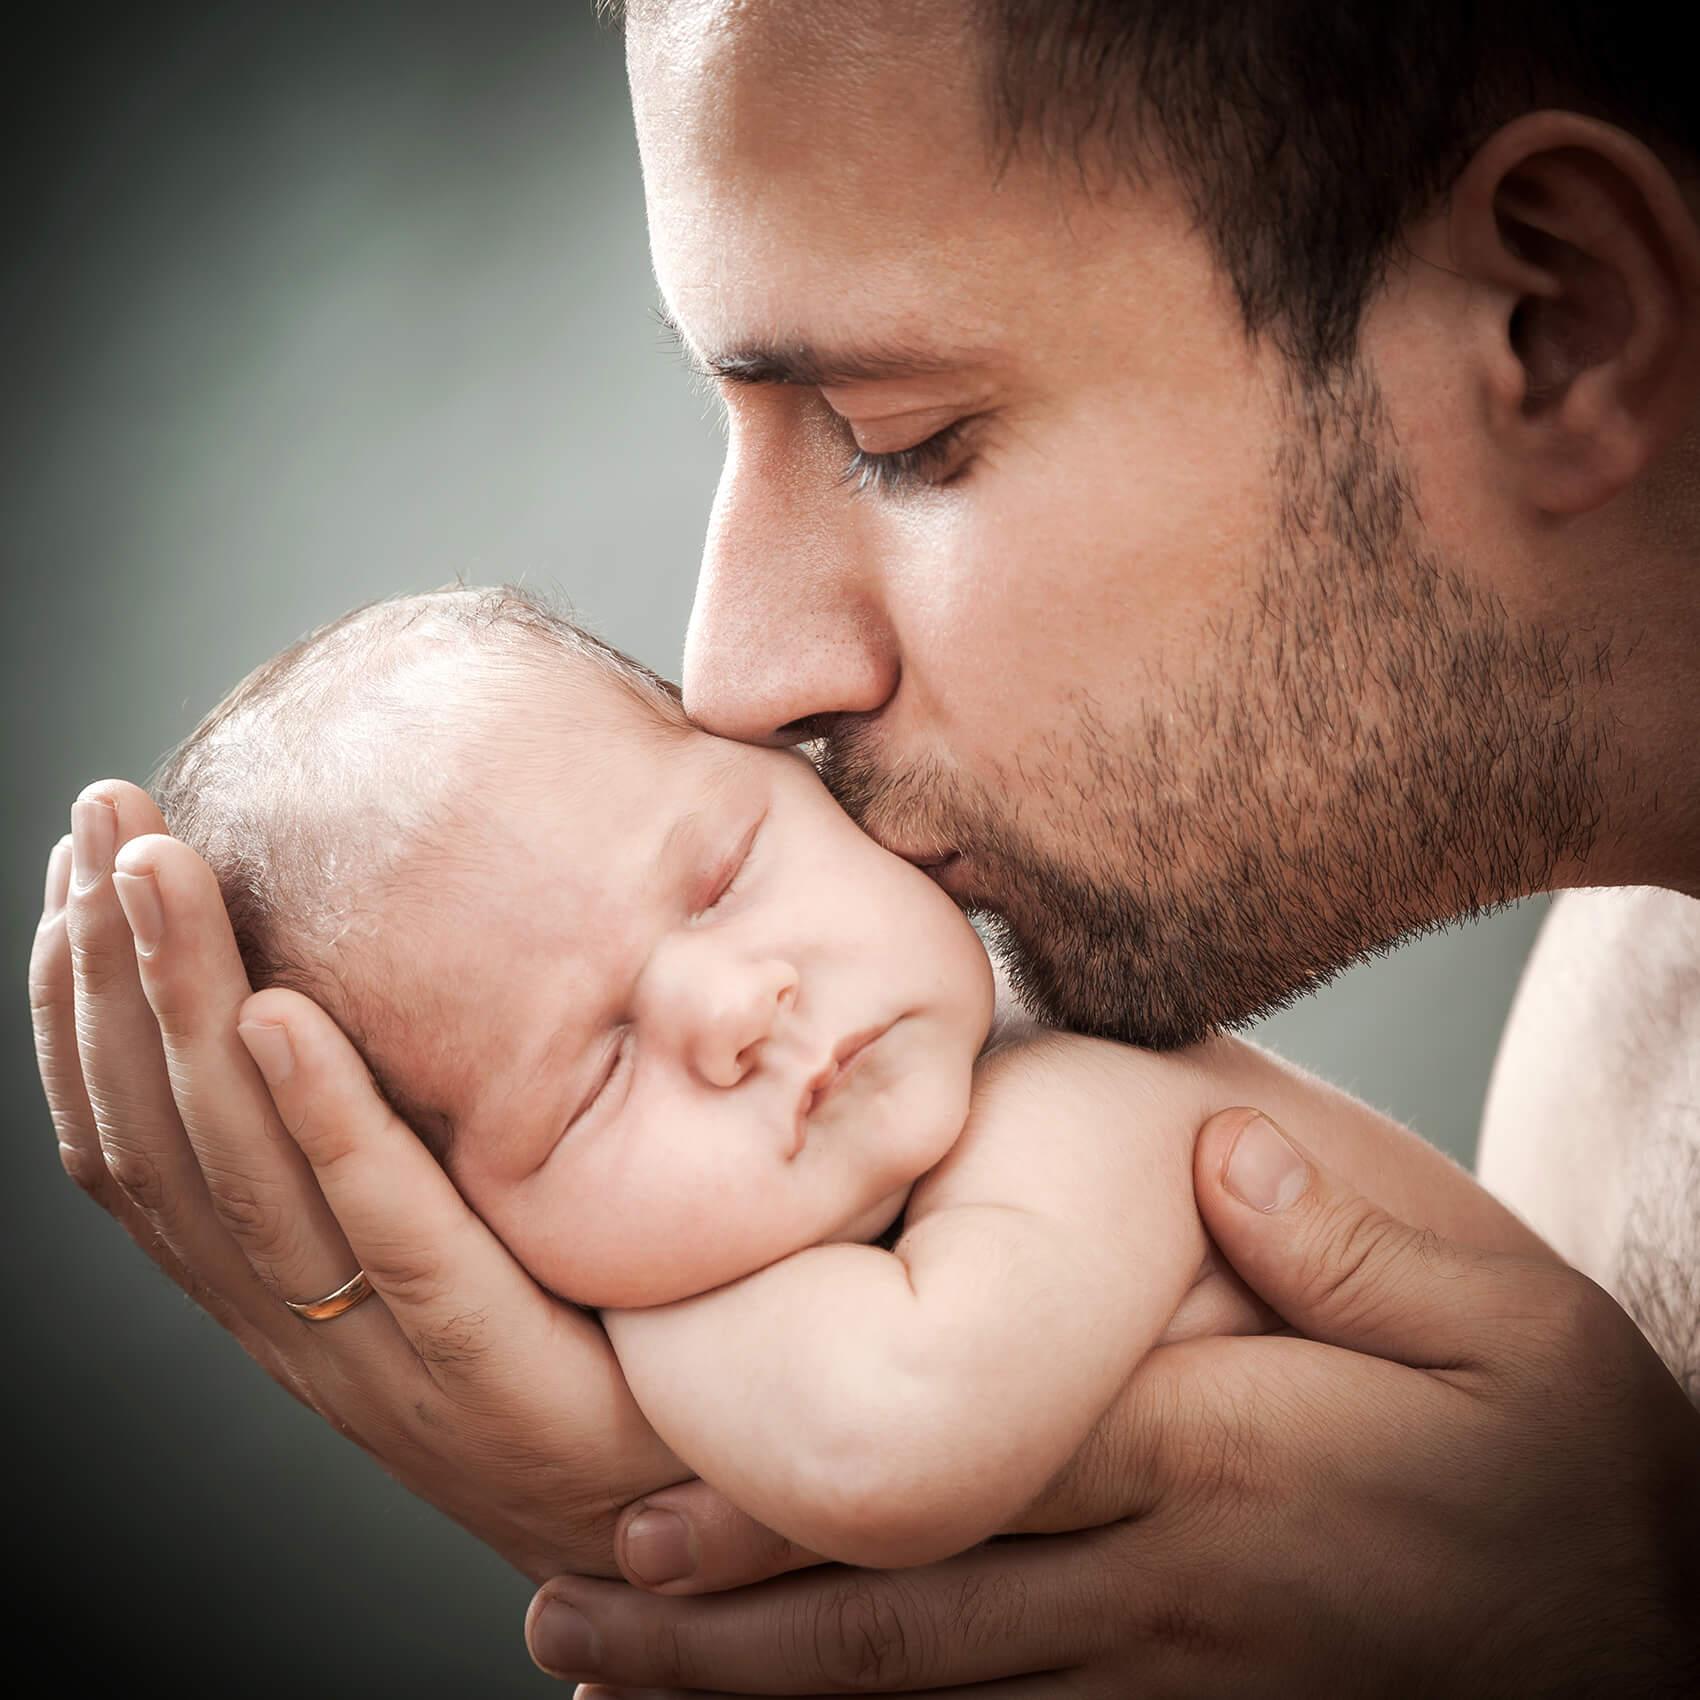 Čustveni razvoj dojenčka in navezovanje